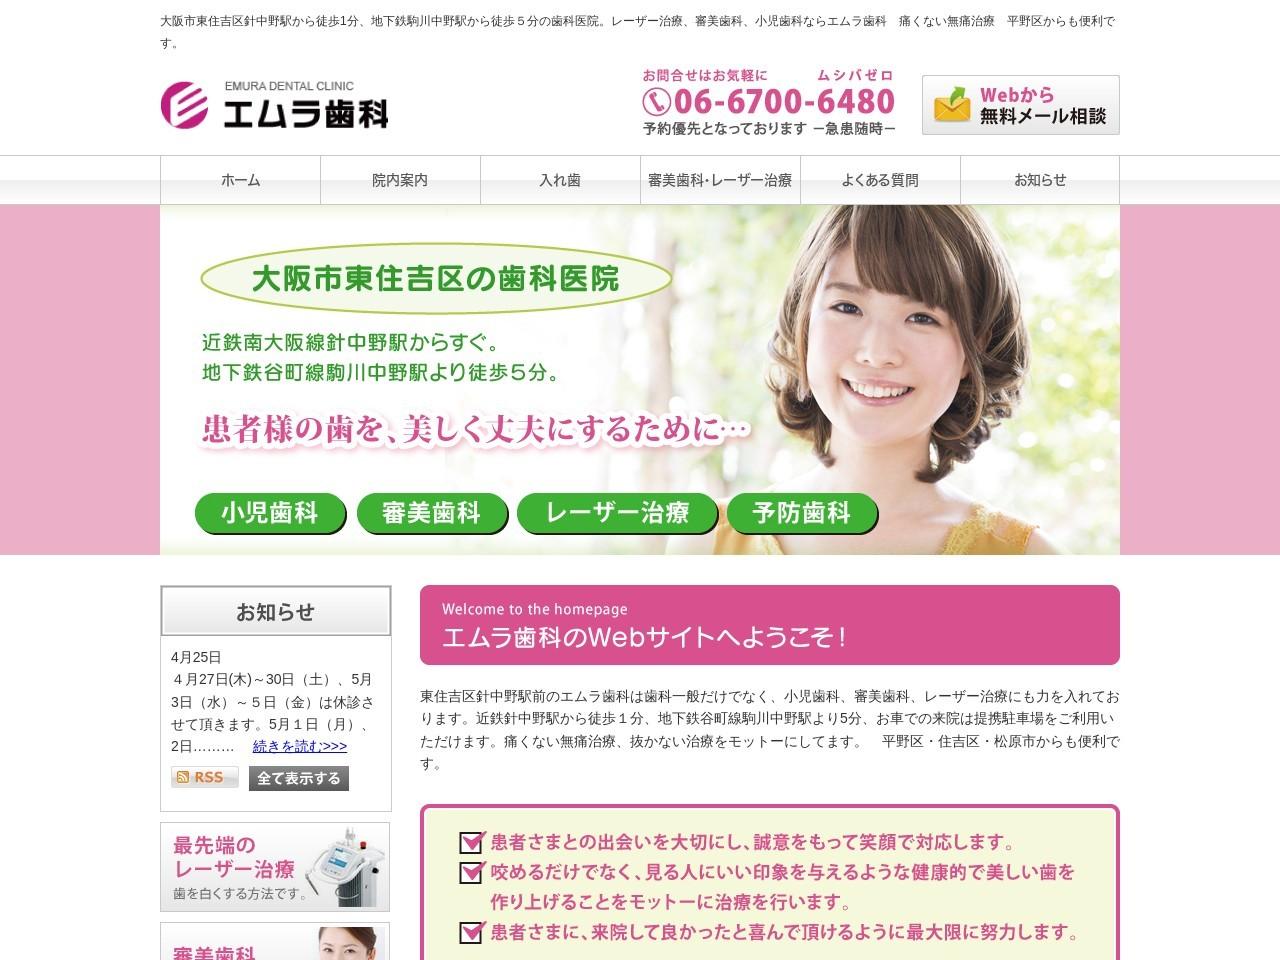 エムラ歯科・矯正歯科 (大阪府大阪市東住吉区)